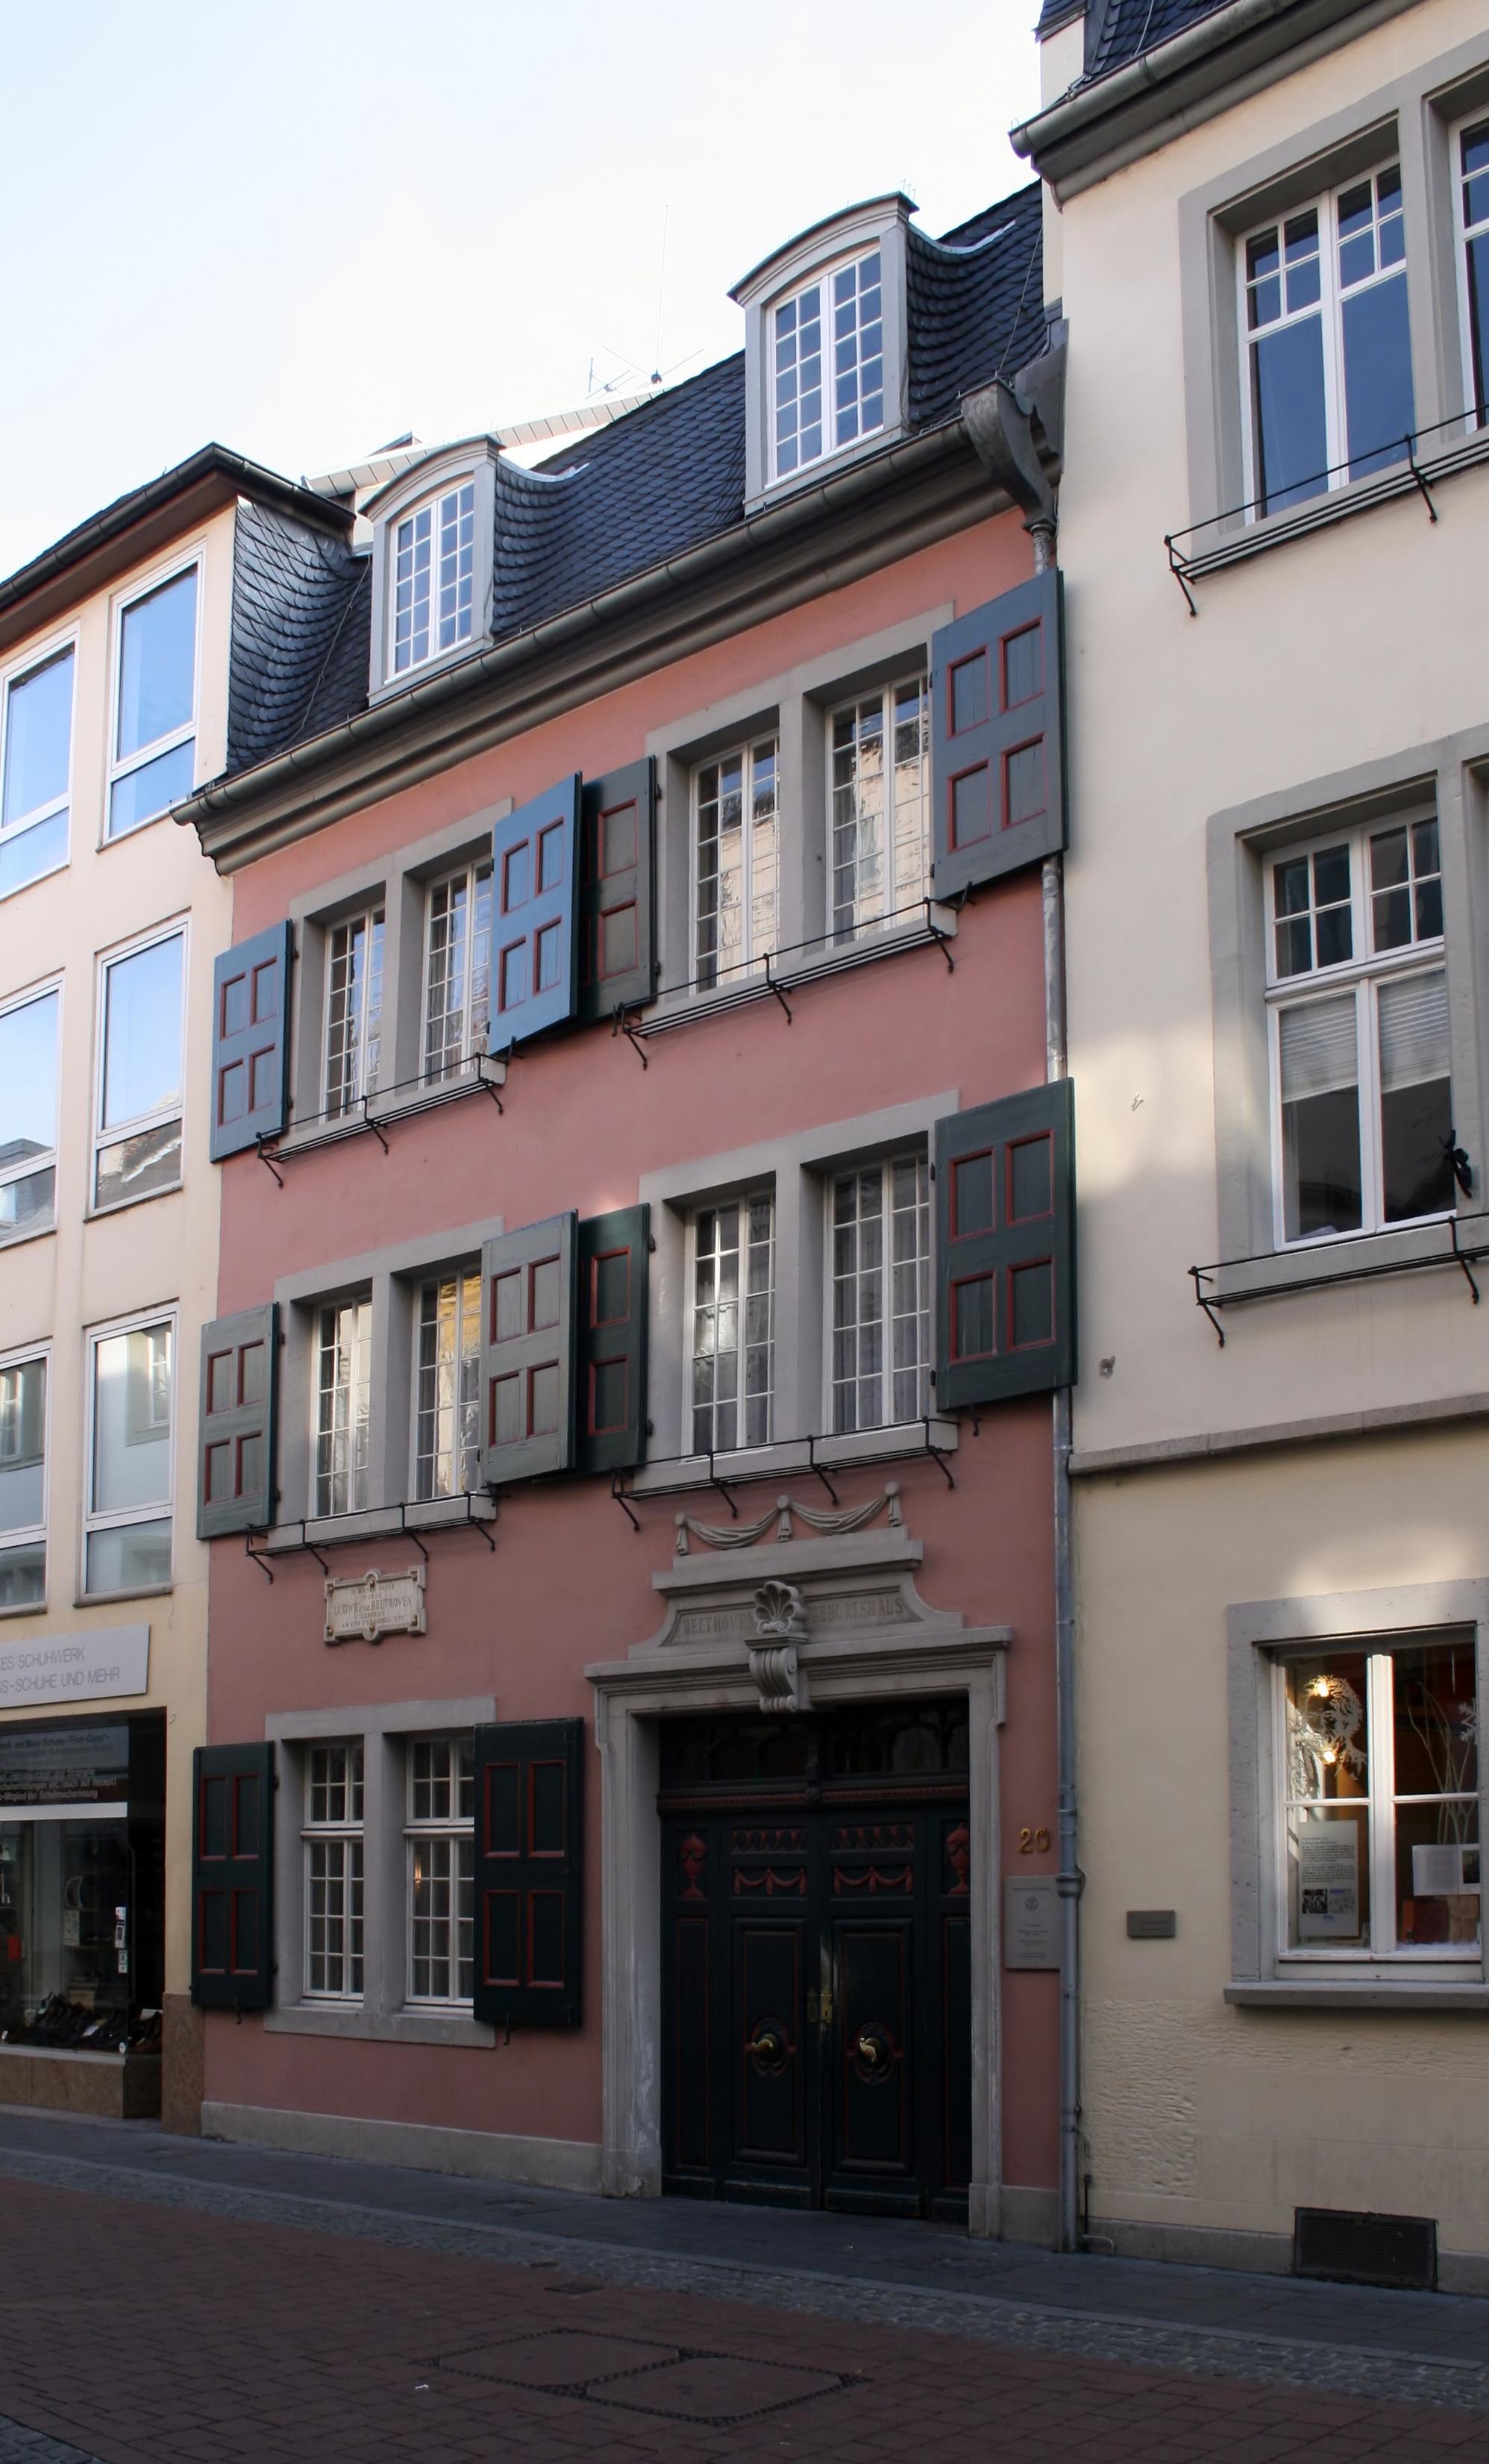 La casa de Beethoven, ubicada en el 515 de la Bonngasse, Bonn.